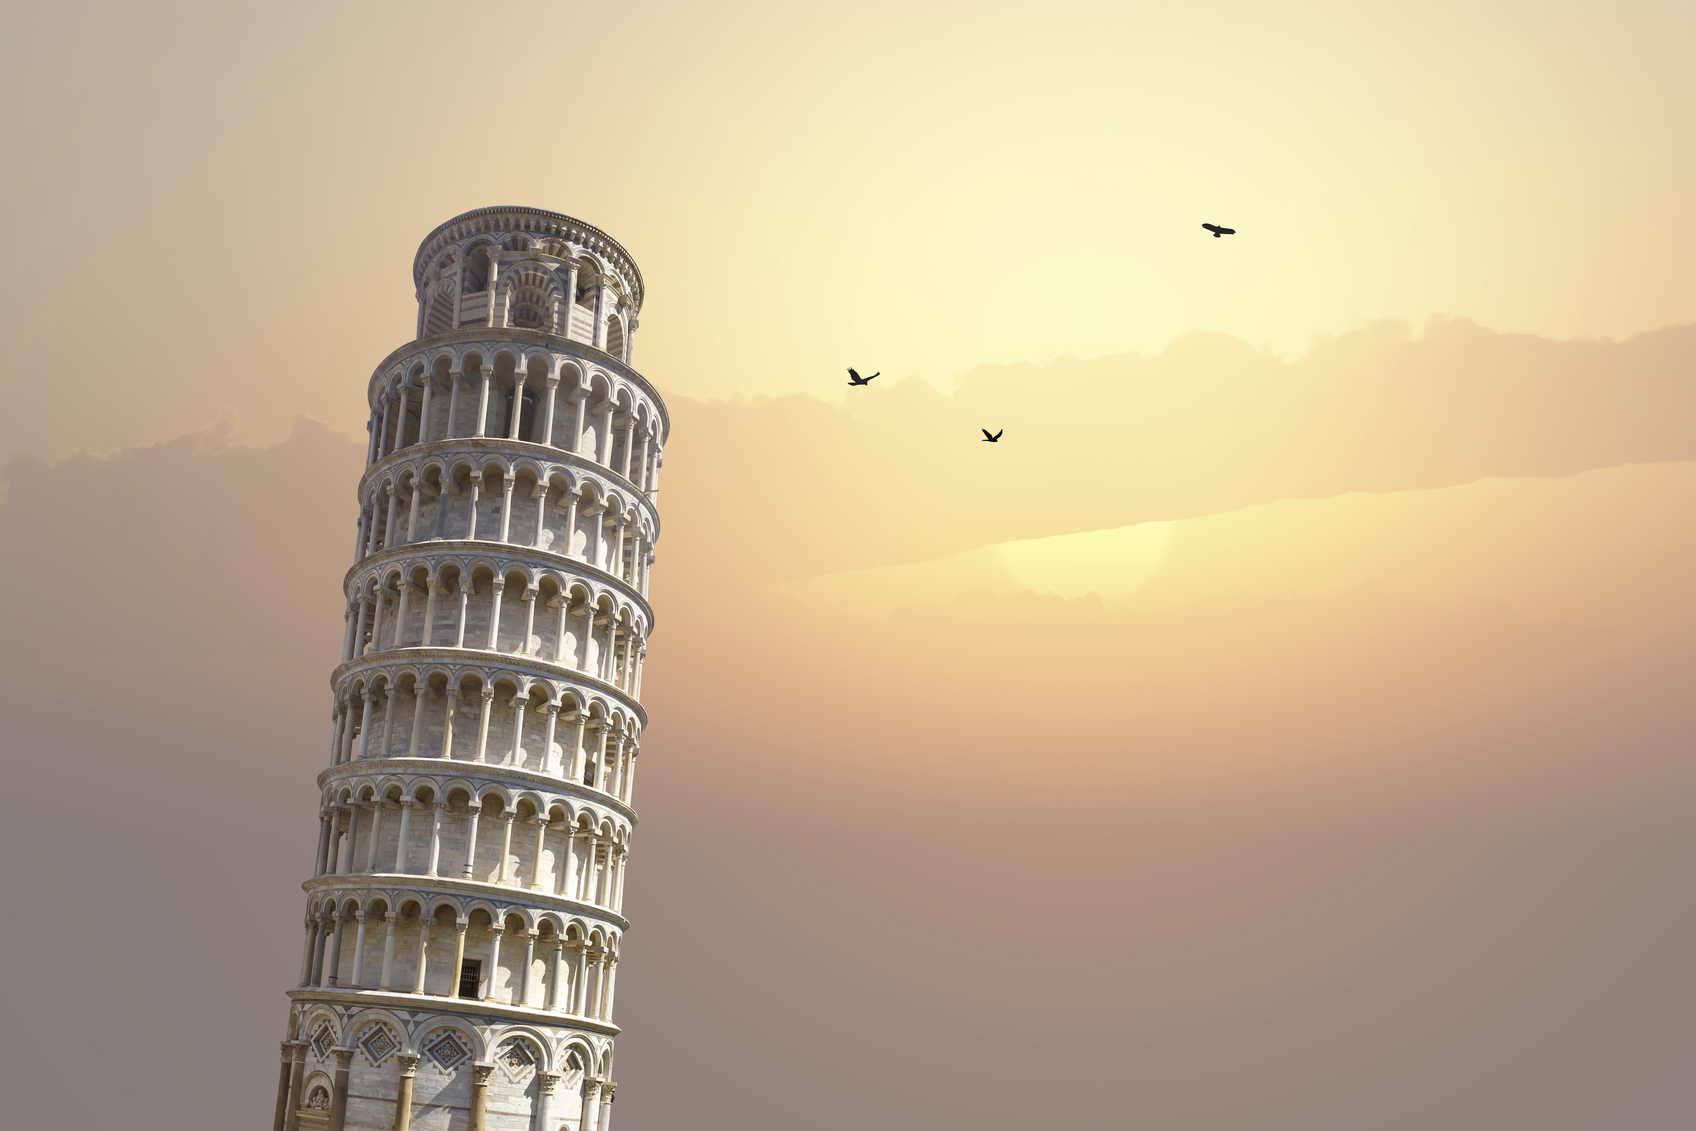 De toren van Pisa moet je toch minstens één keer in je leven gezien hebben. (foto istock)